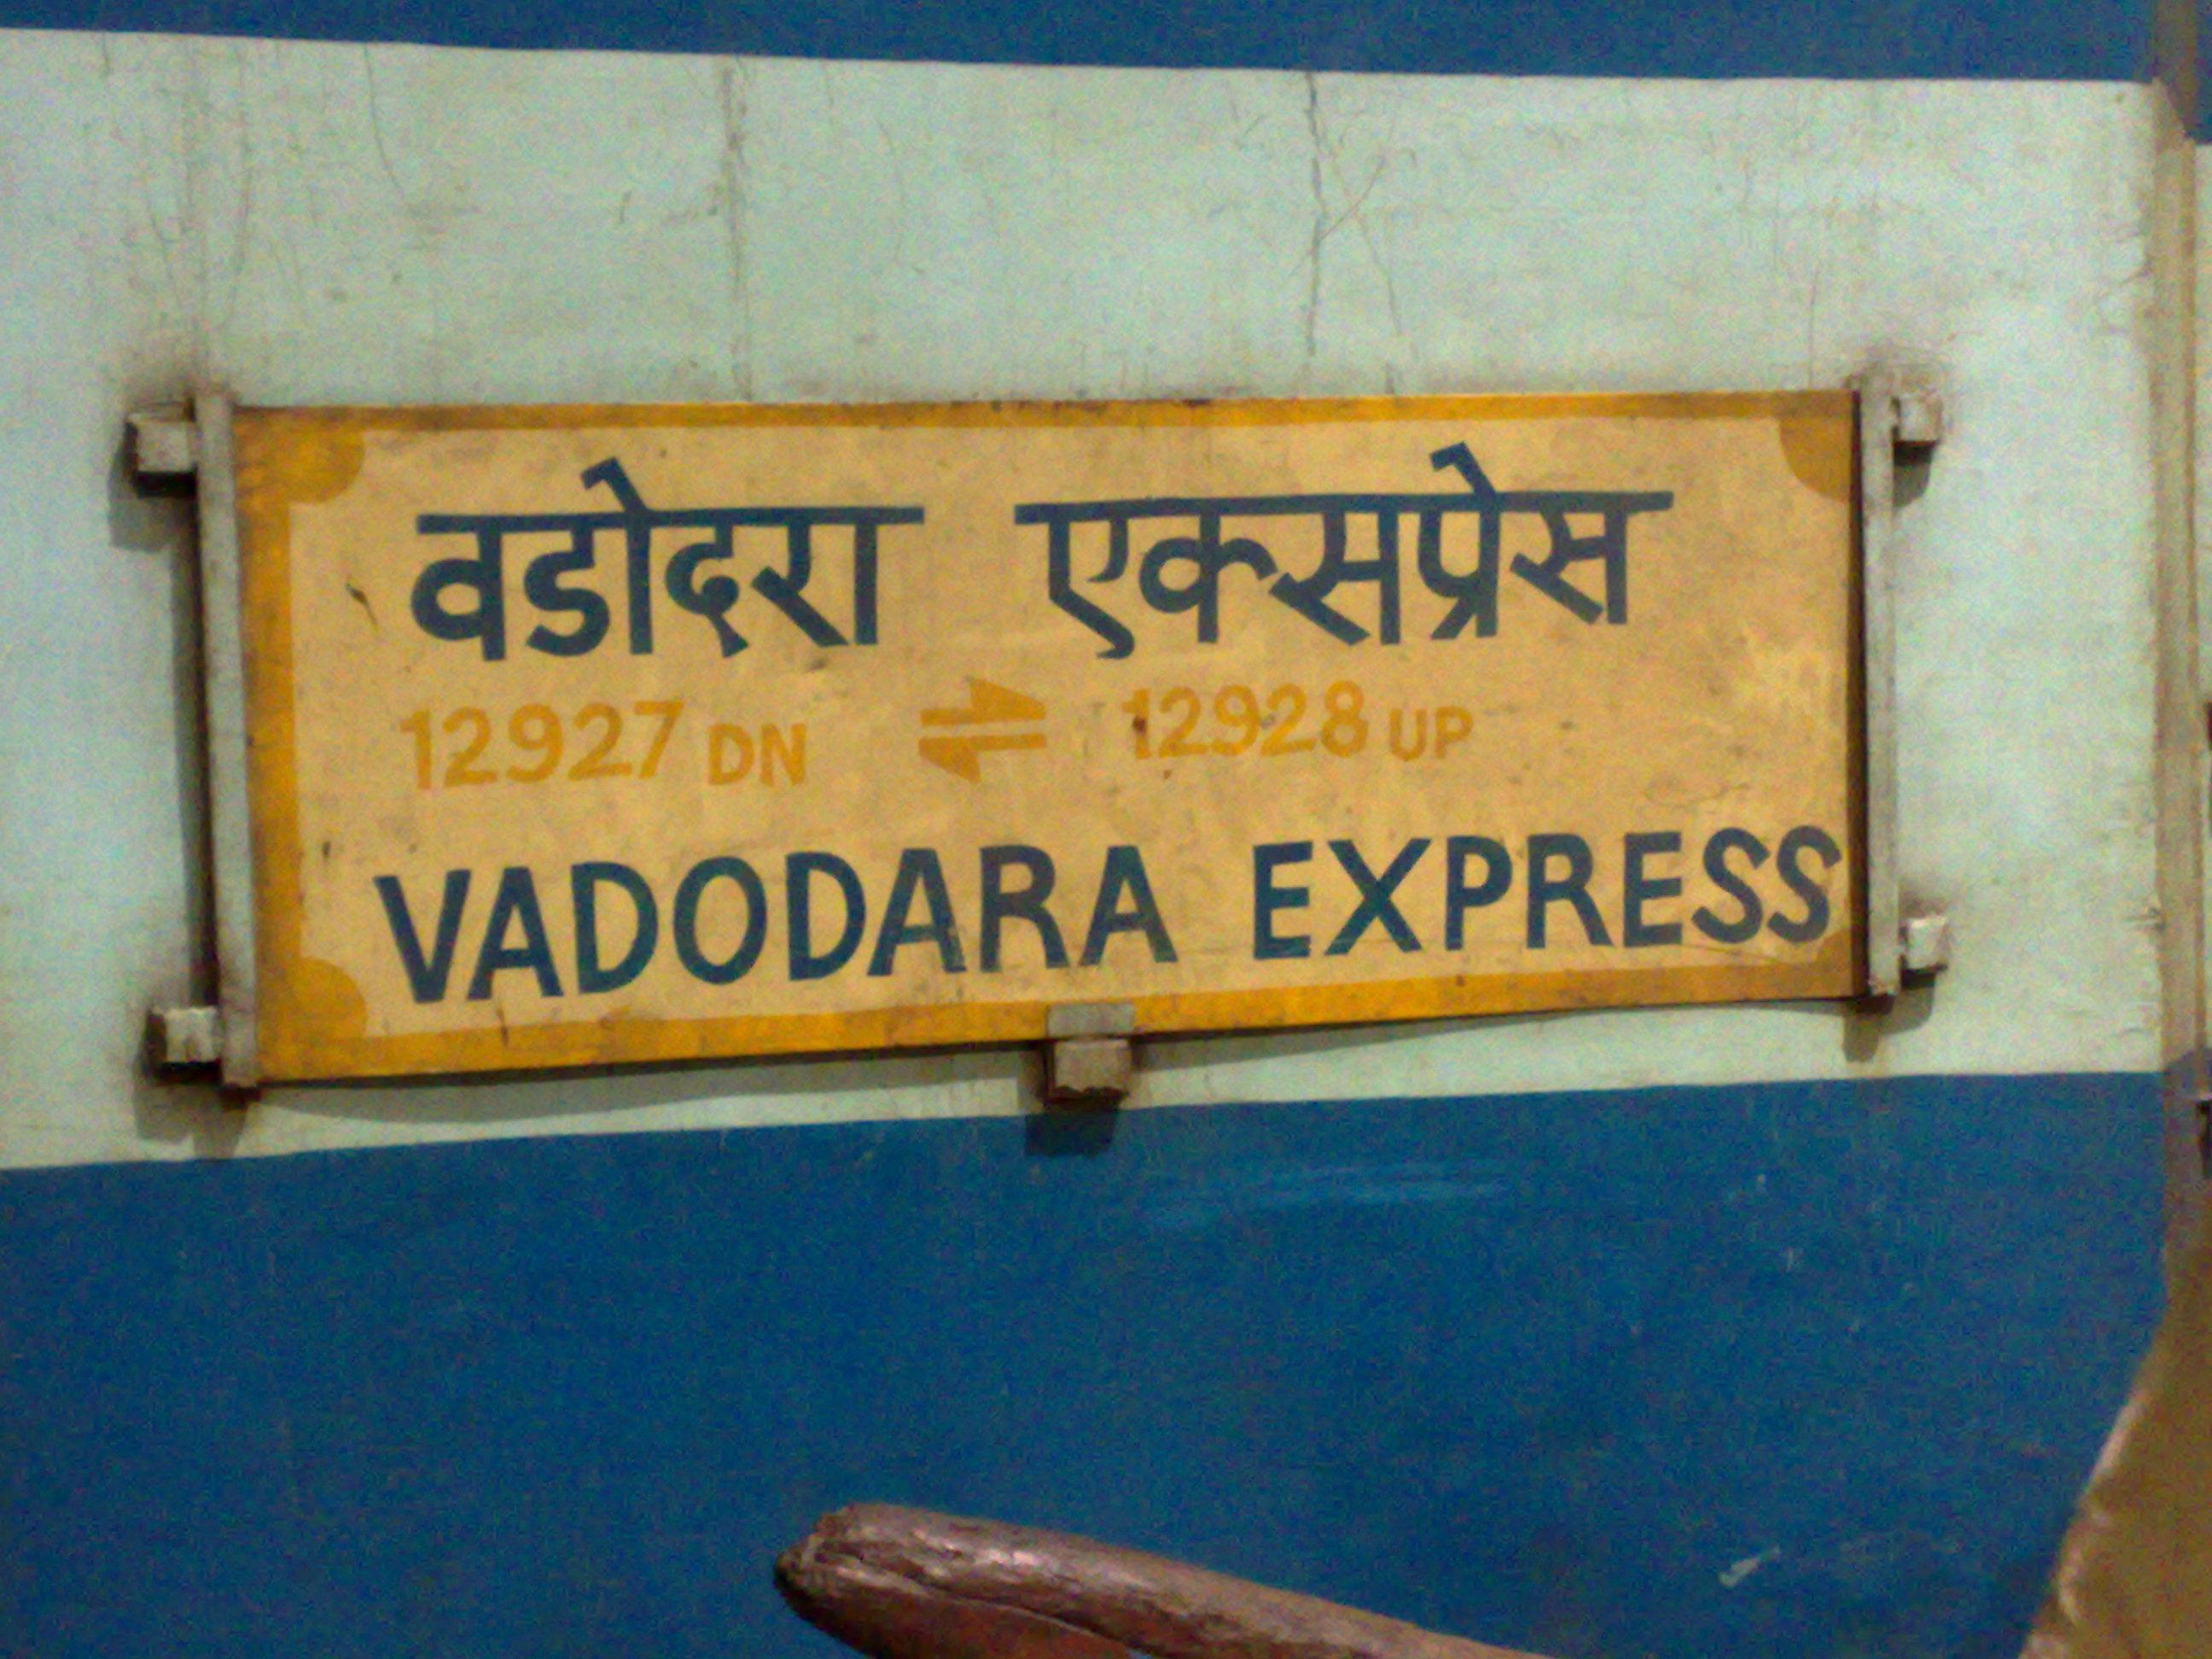 File:12927 Vadodara Express (2).jpg